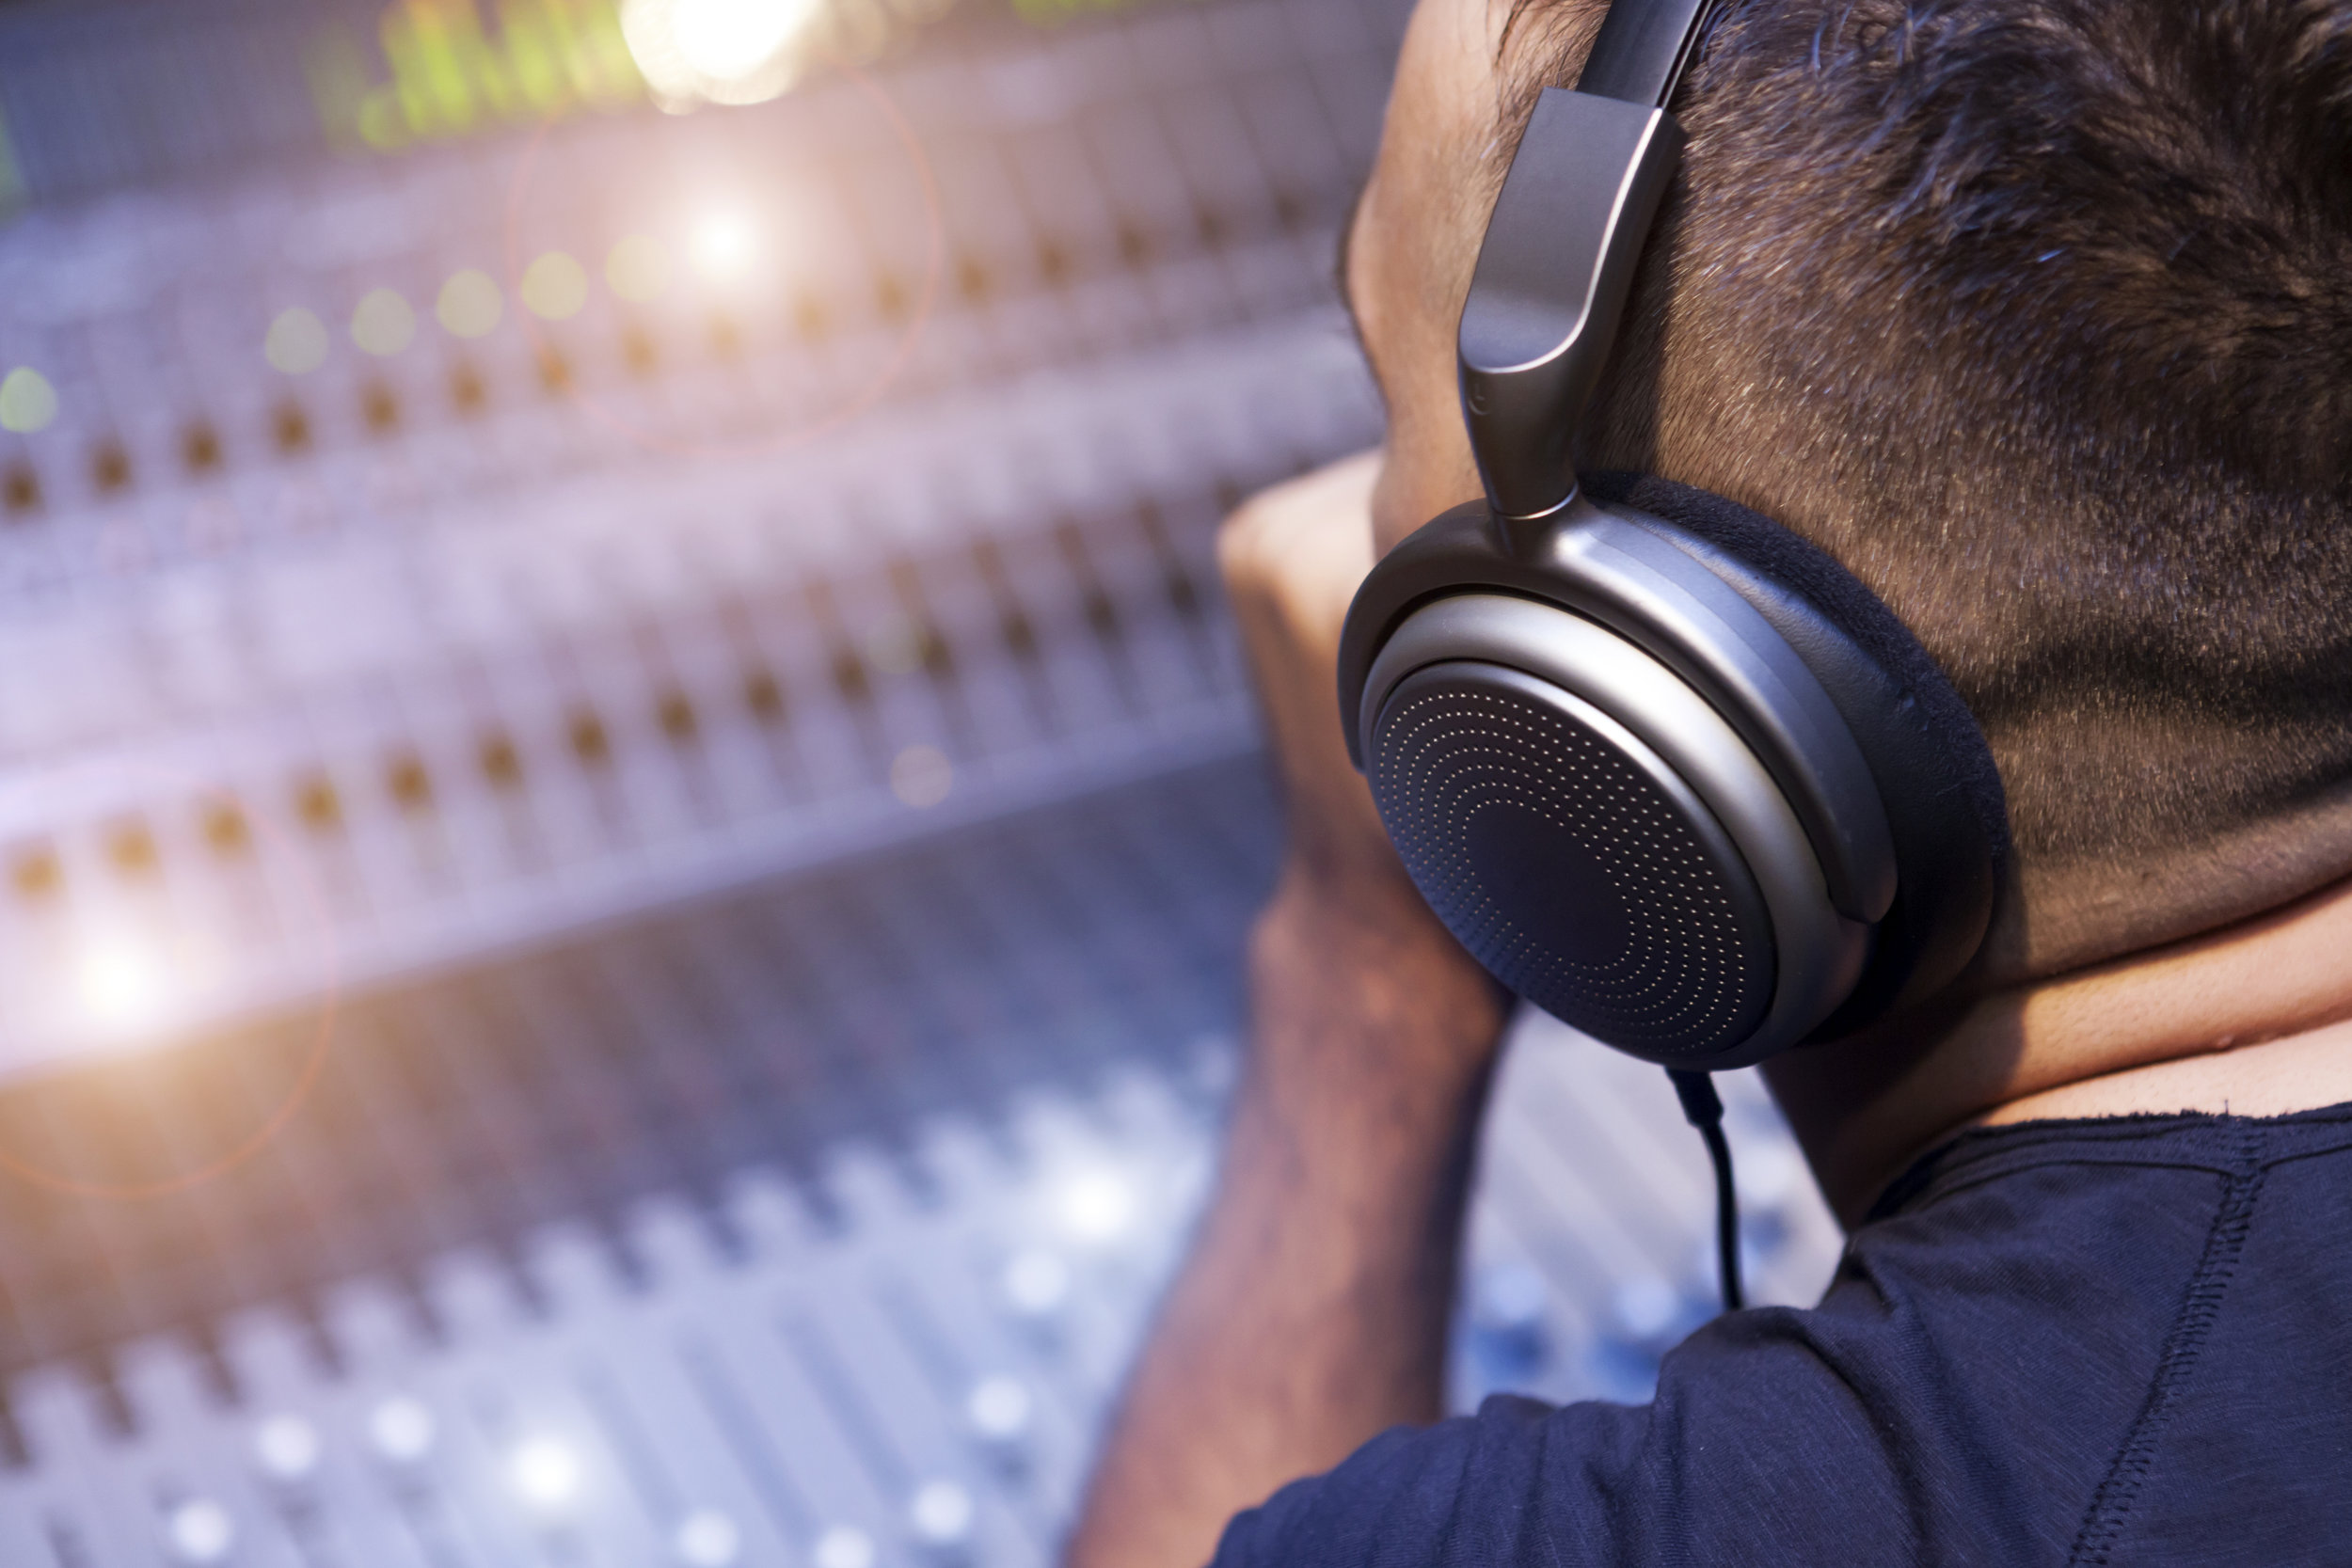 Working On Sound Mixer